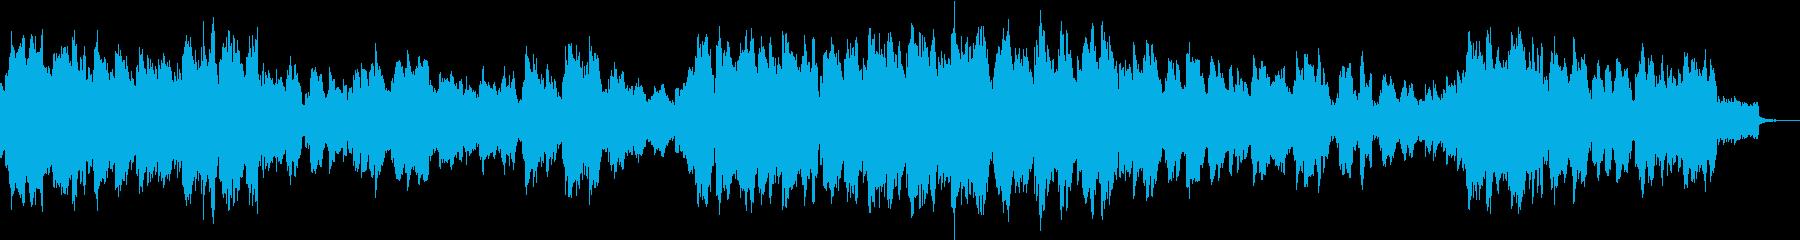 不思議な感じのBGMの再生済みの波形